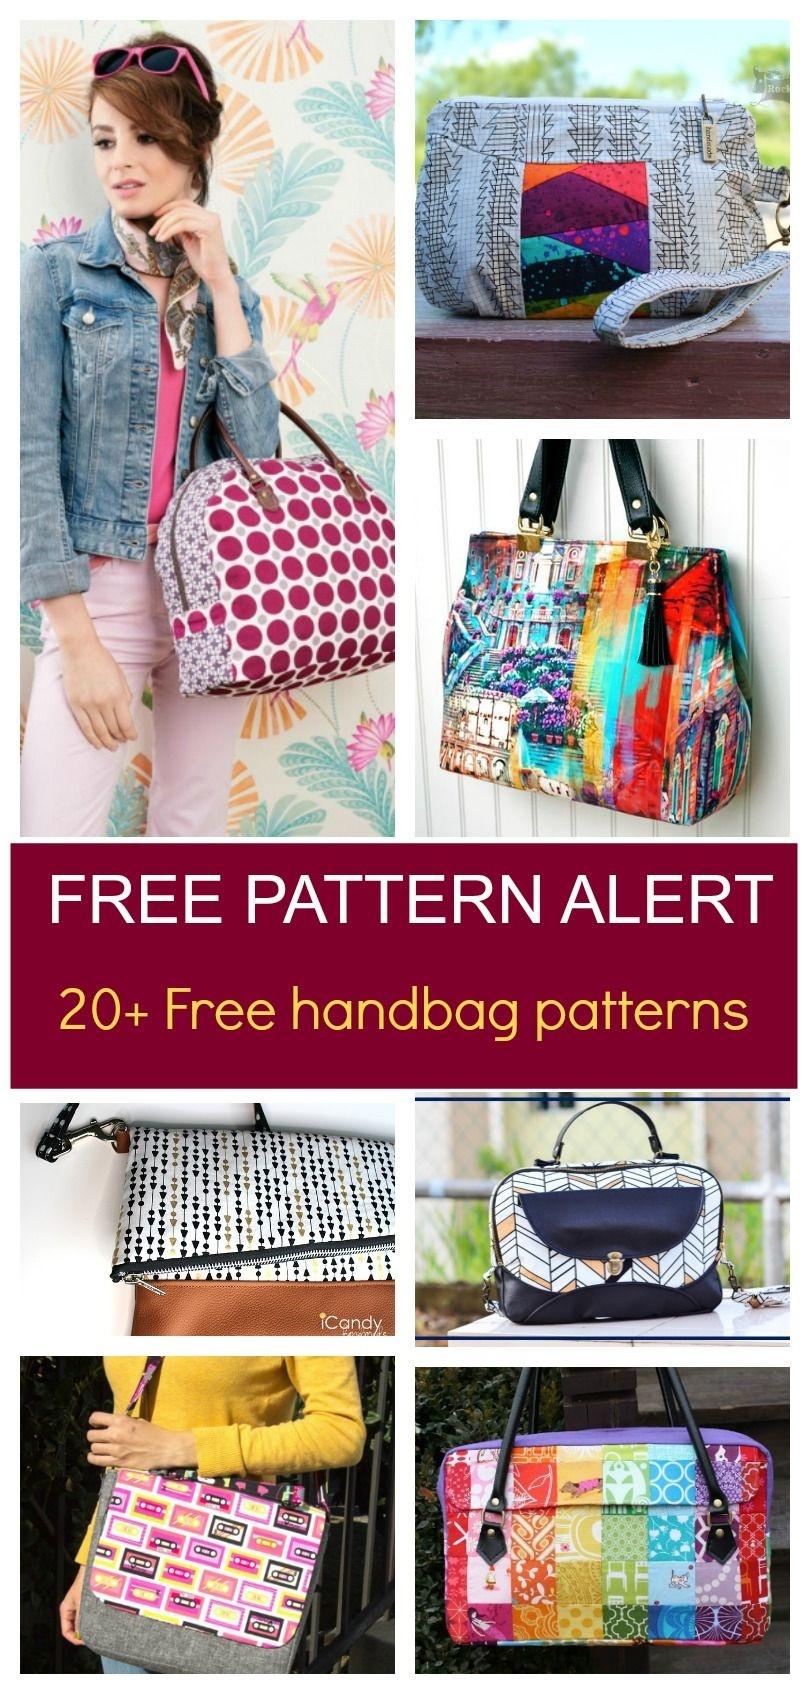 Free Pattern Alert: 20+ Handbag Sewing Patterns | Diy Sewing - Free Printable Purse Patterns To Sew